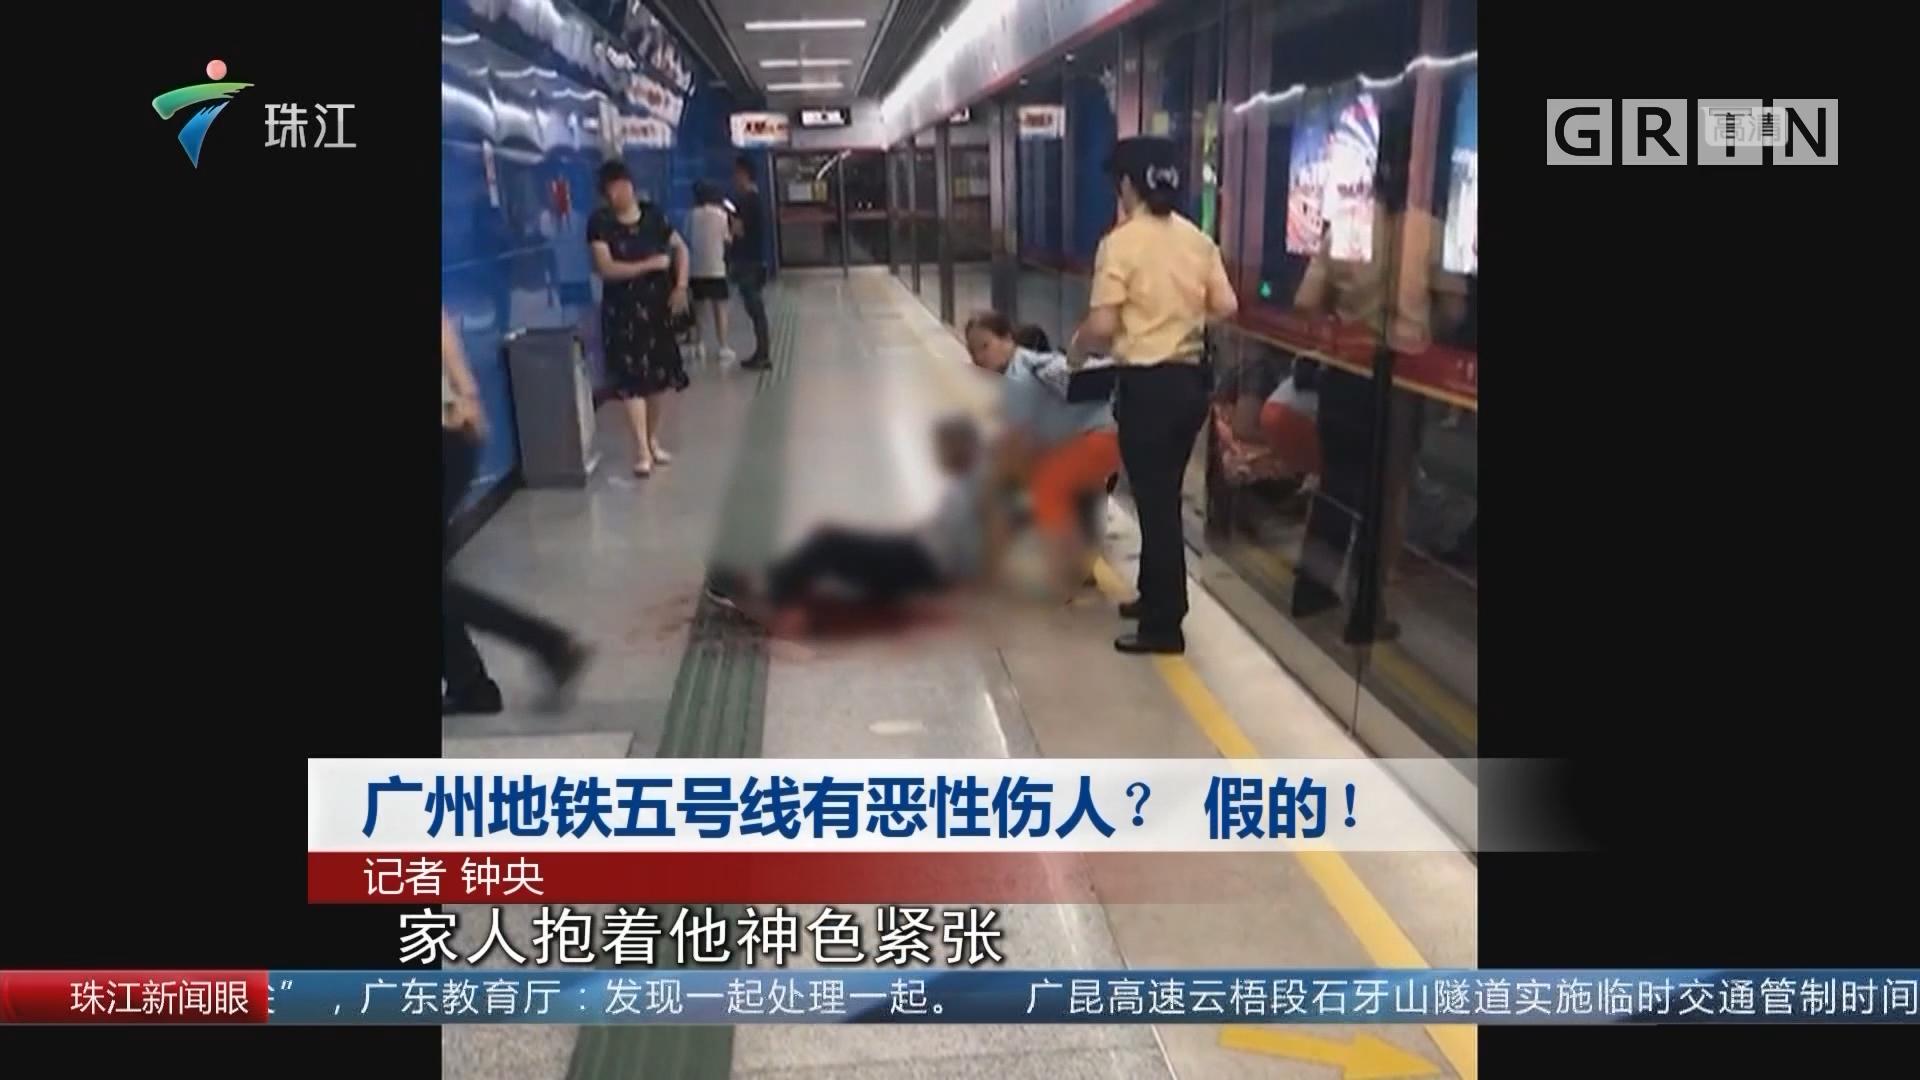 广州地铁五号线有恶性伤人?假的!